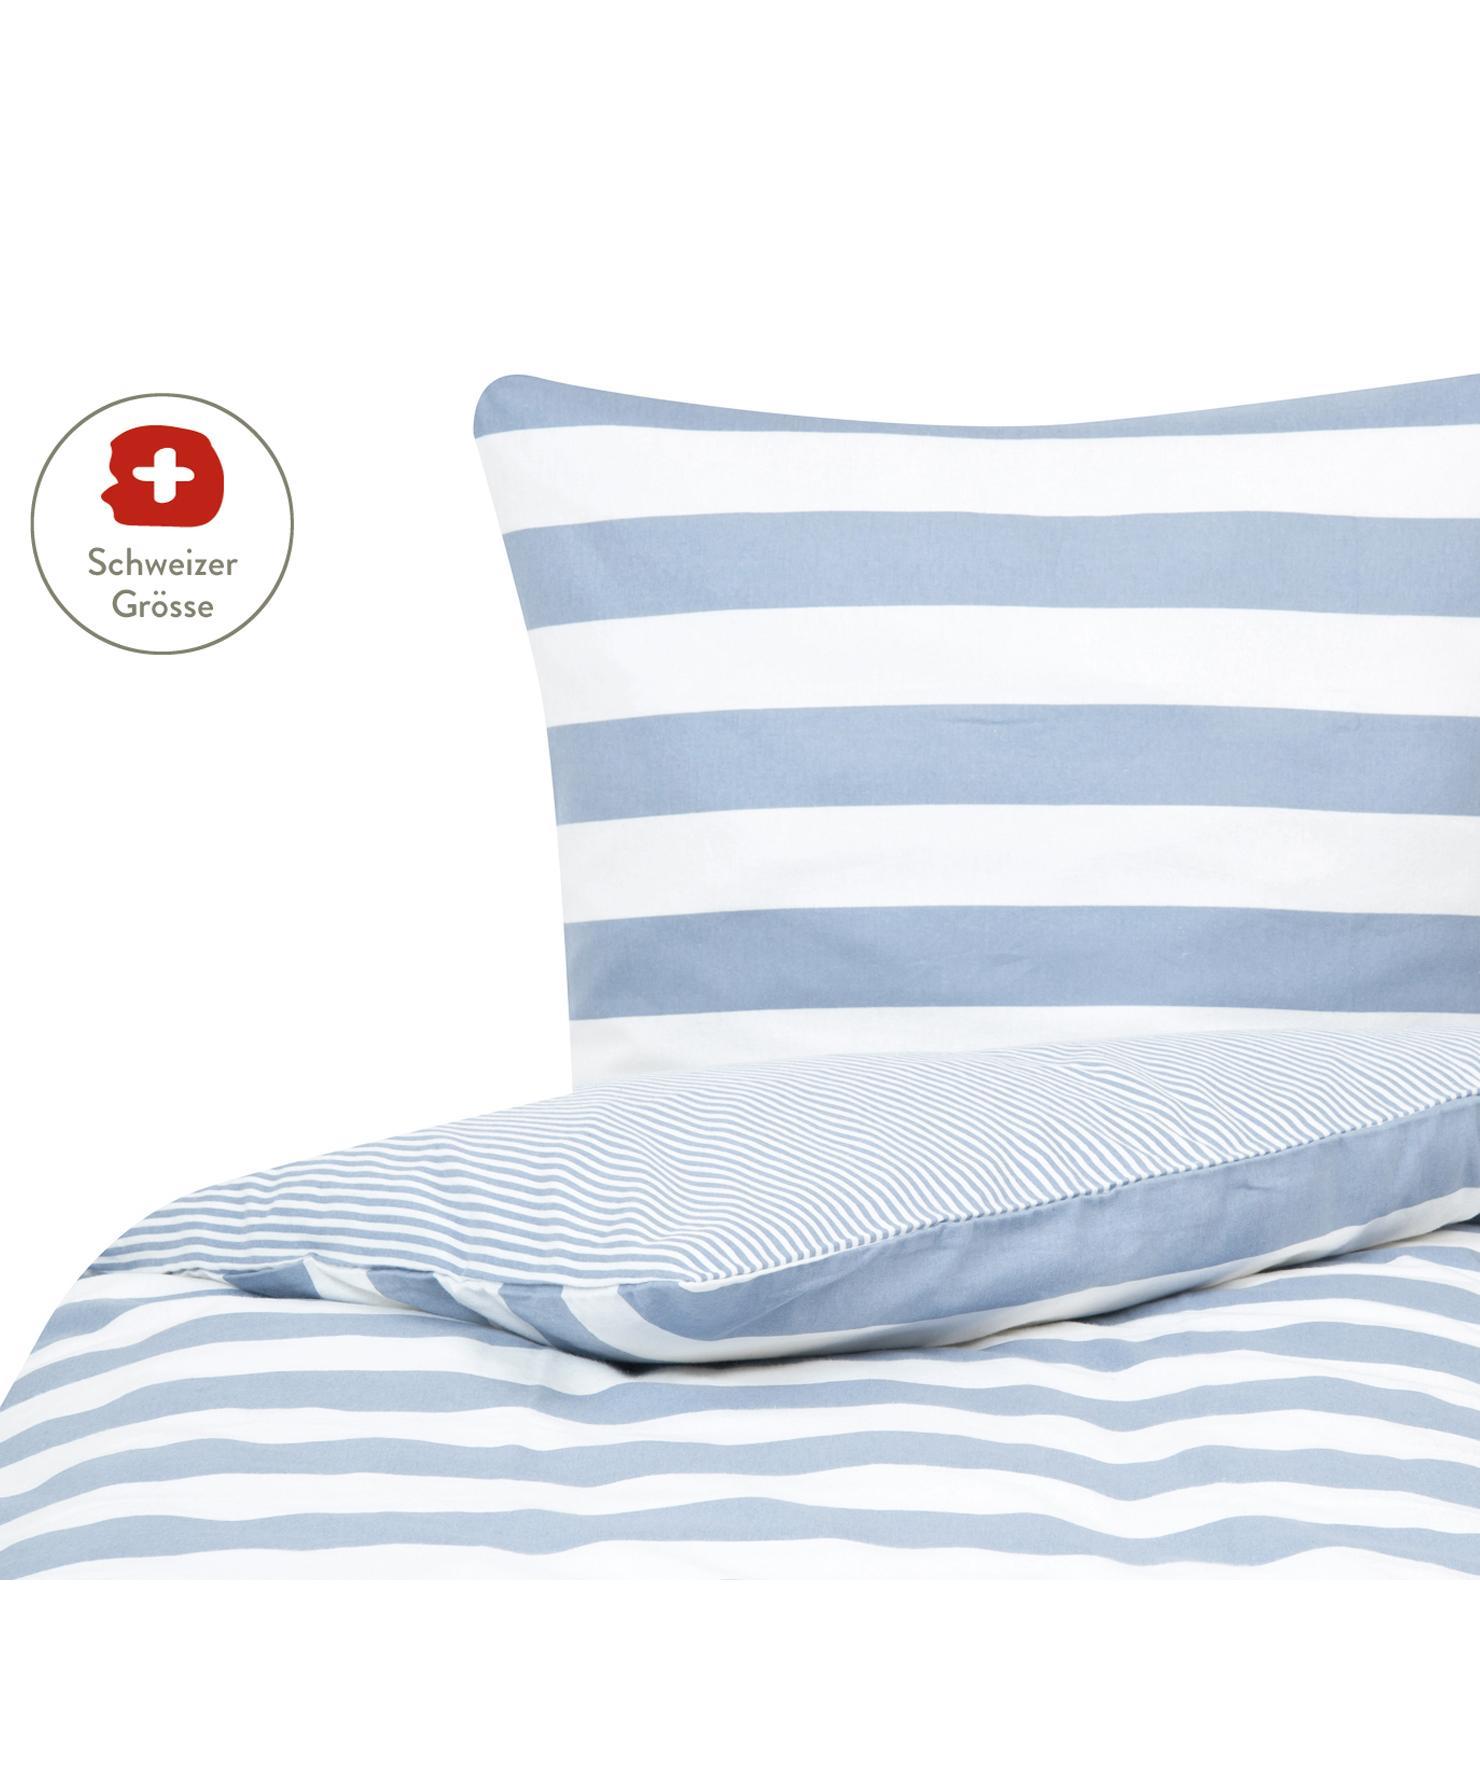 Flanell-Wendebettdeckenbezug Alice mit Sternen, Webart: Flanell Flanell ist ein s, Hellblau, Weiss, 160 x 210 cm